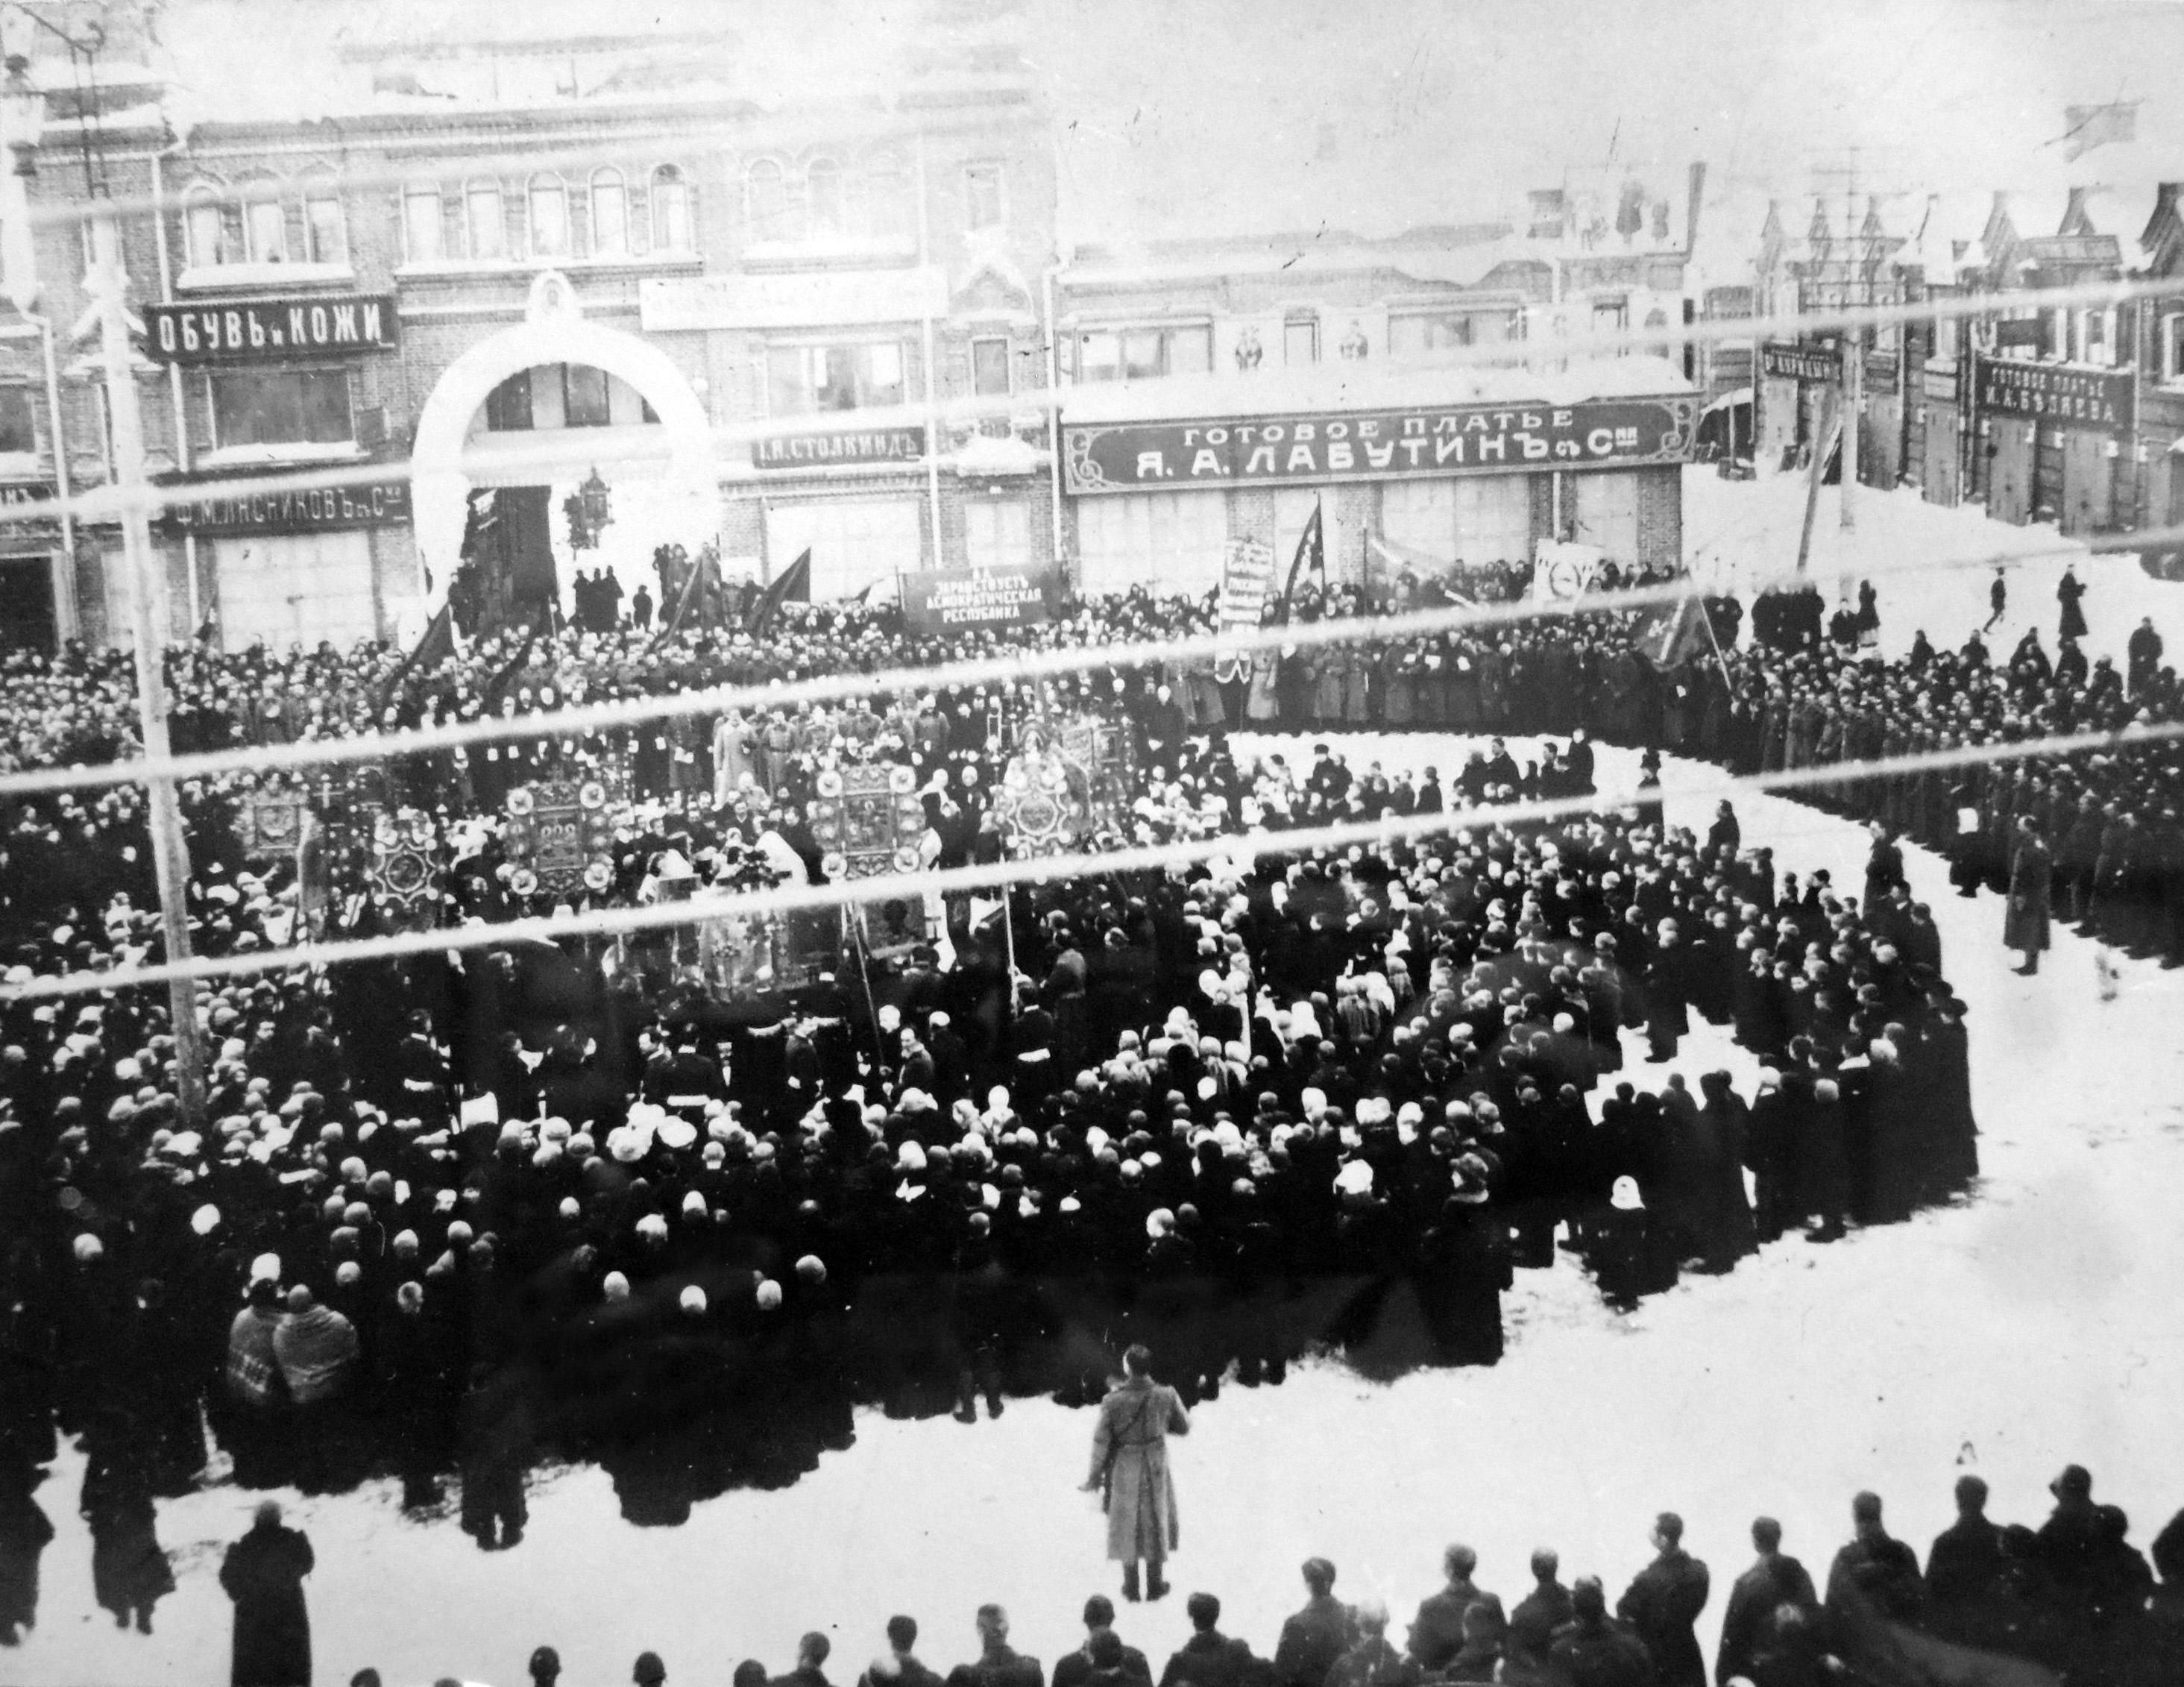 Молебен по поводу свержения самодержавия. Вид на Гостиный двор и Соборную площадь. 1917